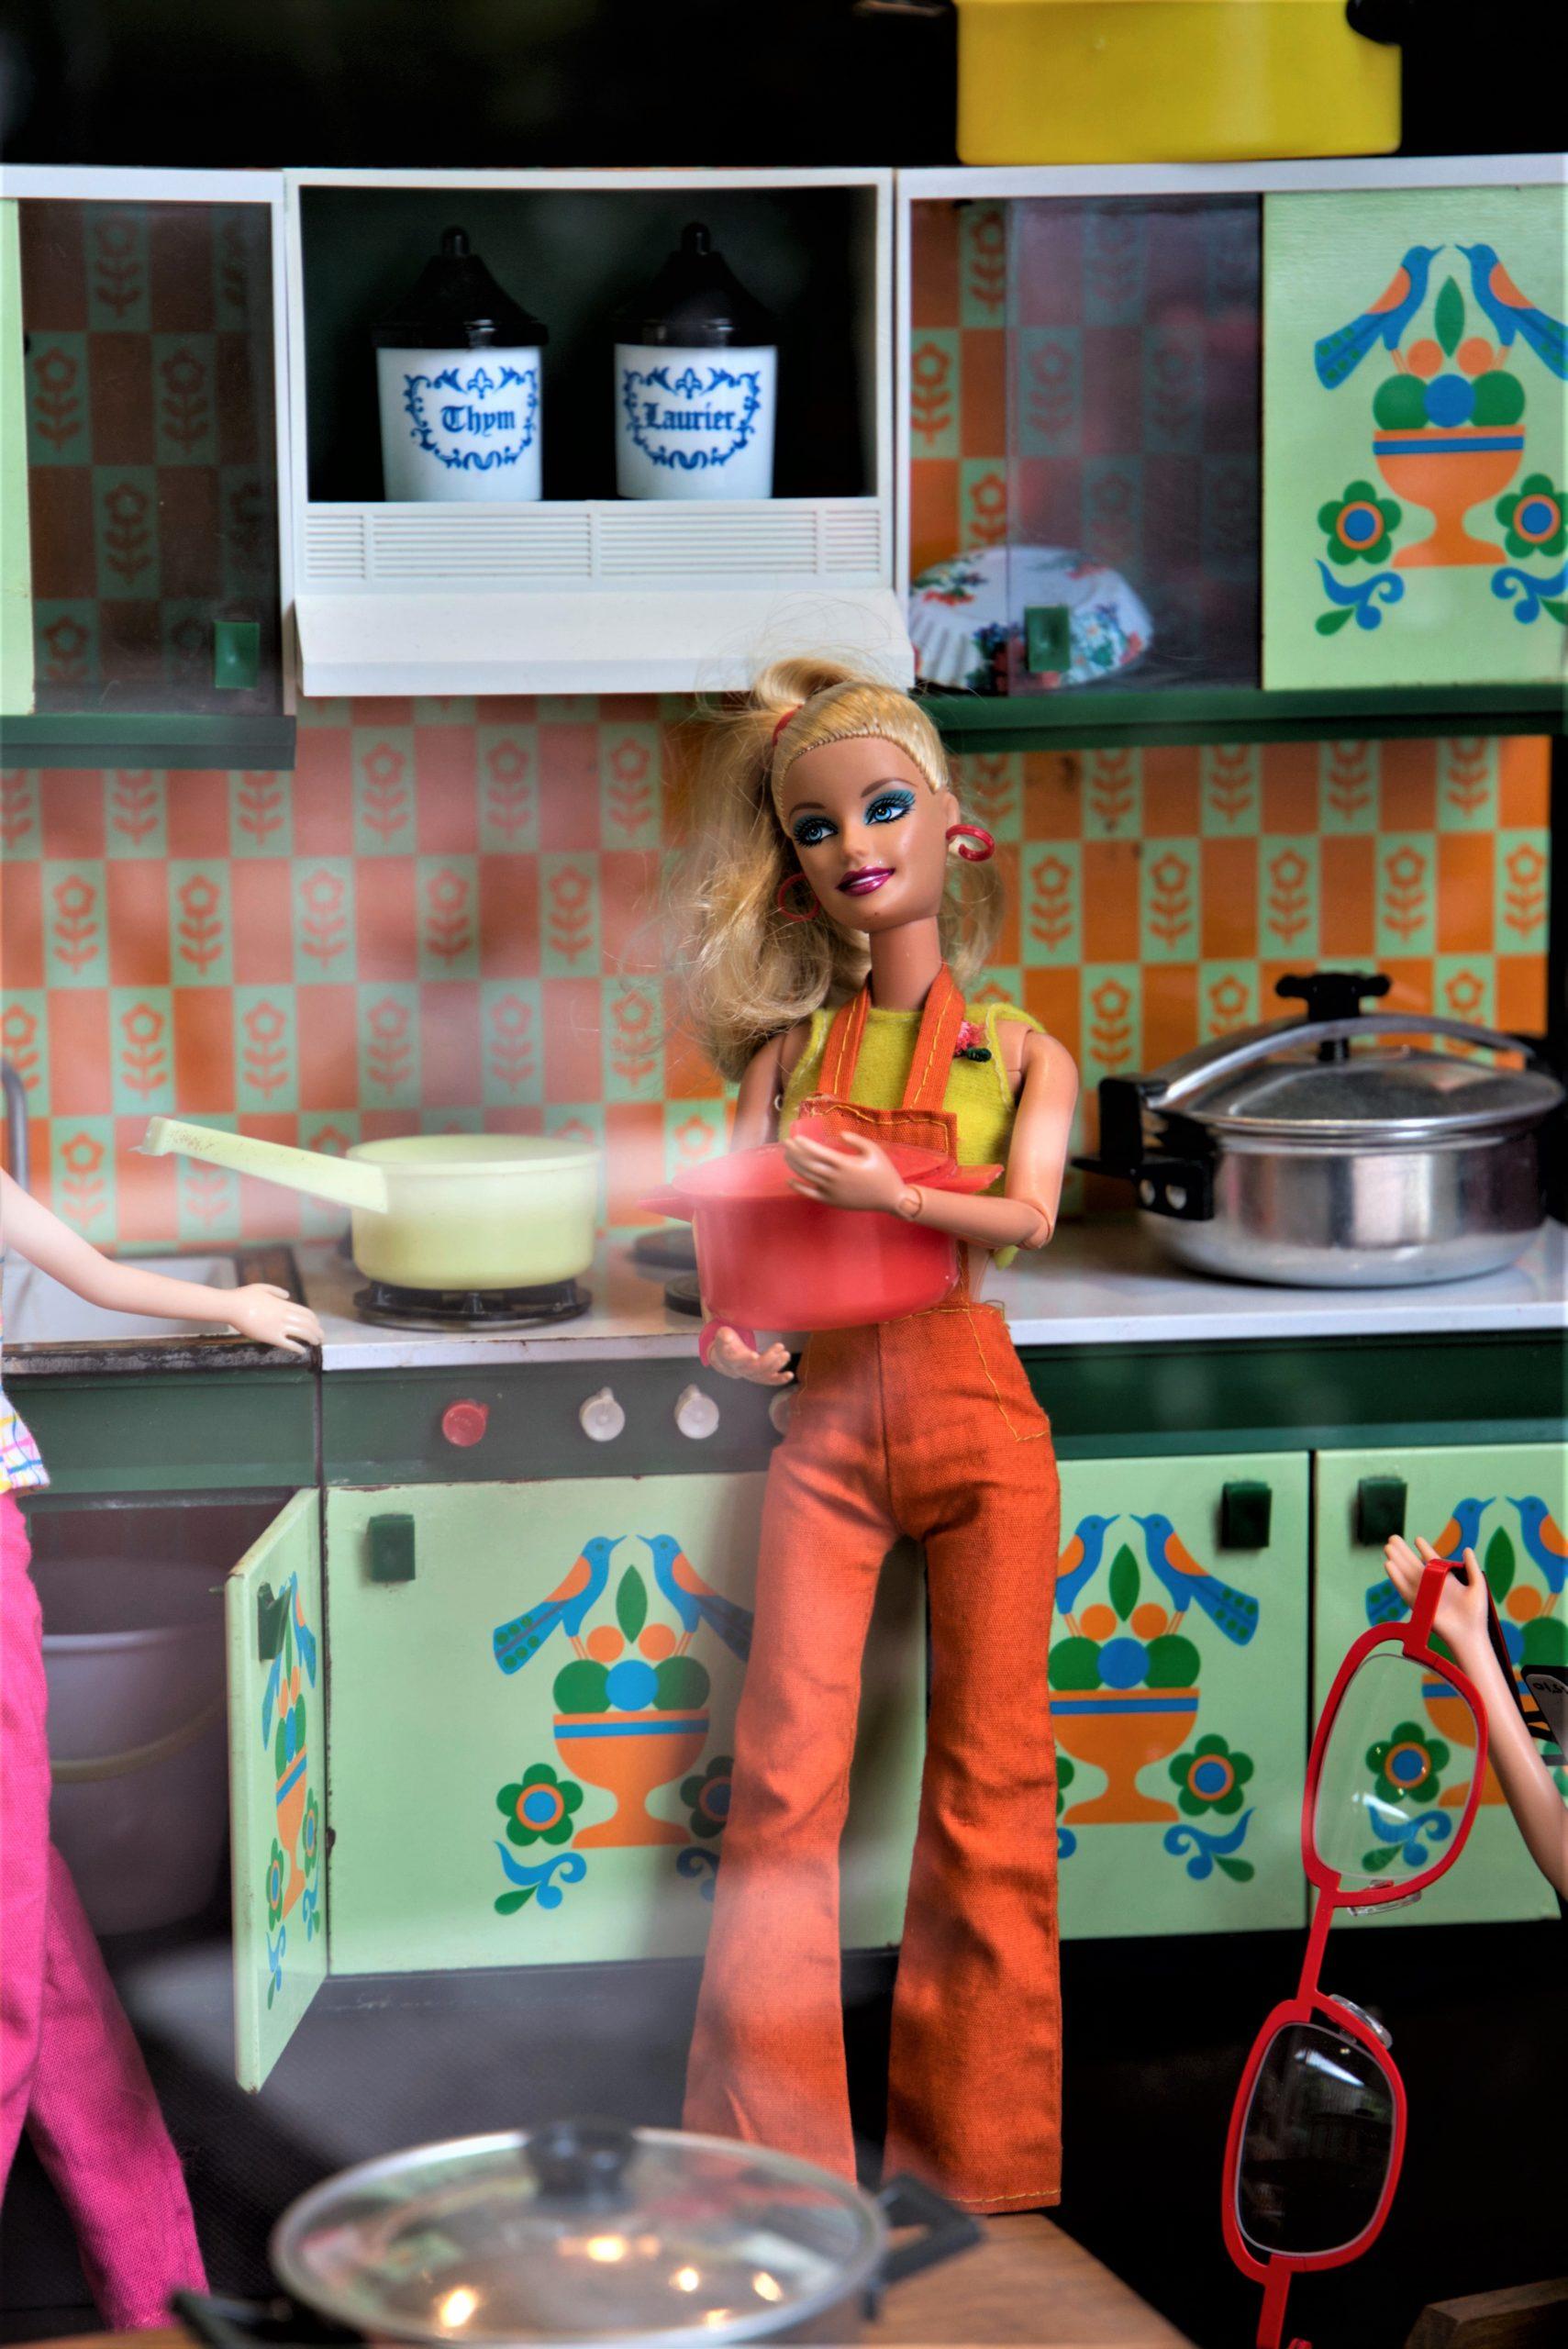 Vitrine-scène-Barbie-cuisine-la-decotheque